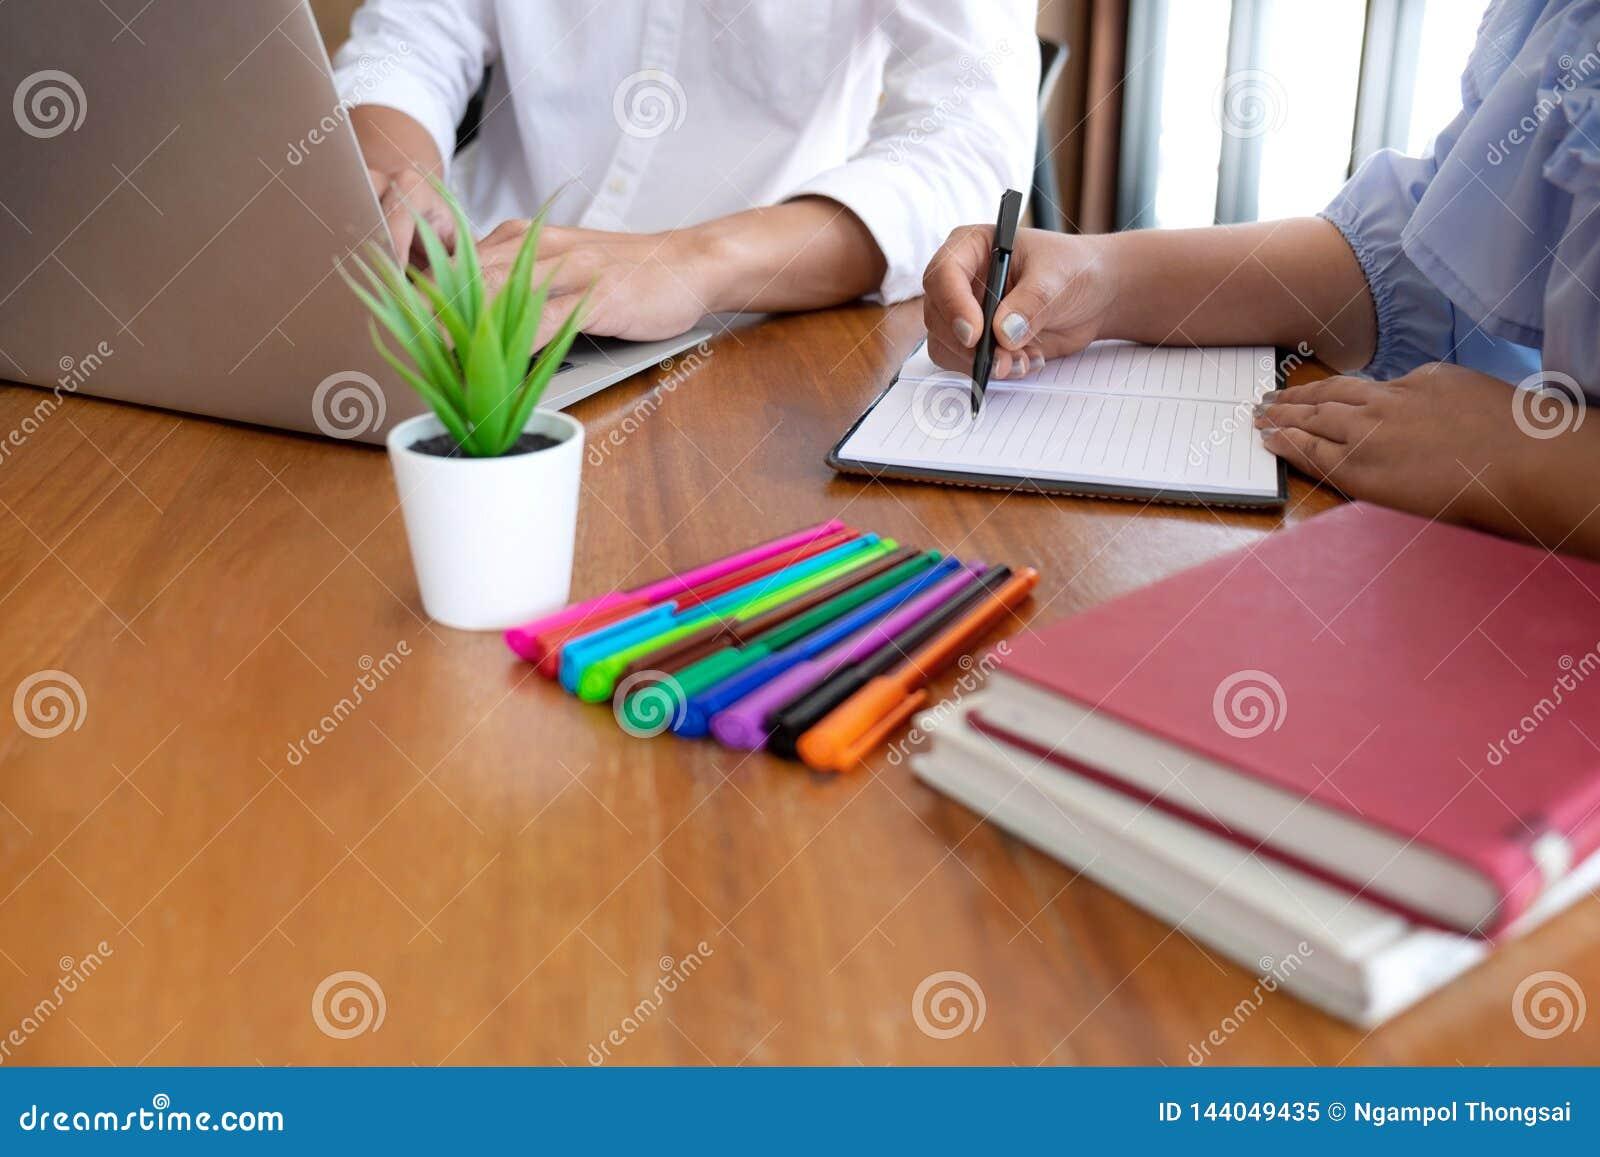 Grupp av ungdomarsom lär studera kurs i arkiv under att hjälpa undervisa vänutbildning för att förbereda sig för examen, ungdomun